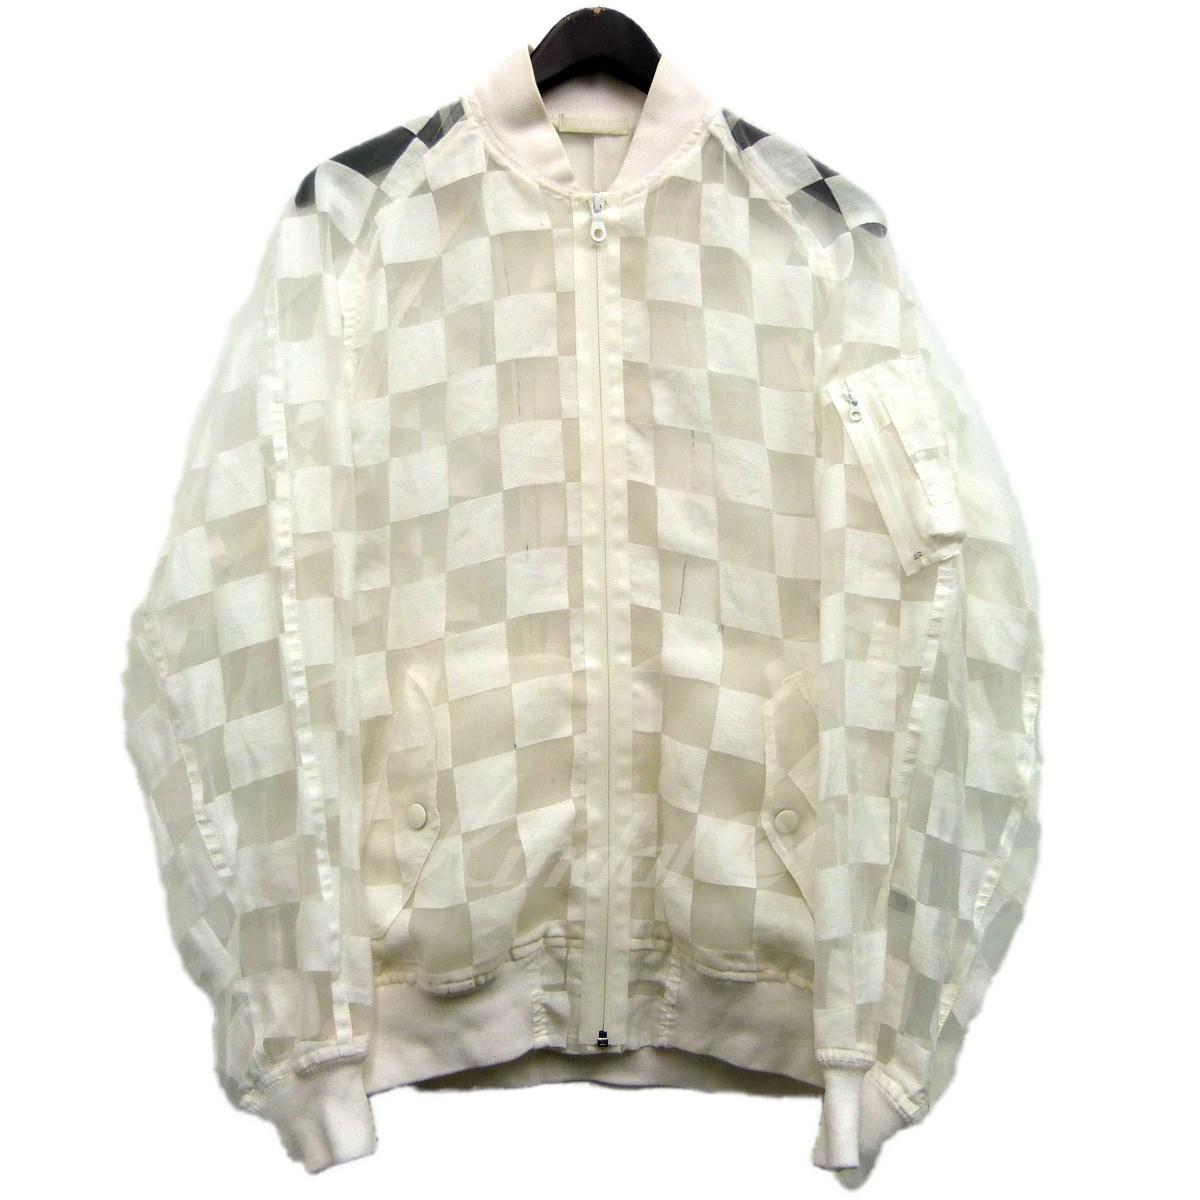 【中古】FACETASM SAMPLE品 ブロックチェックボンバージャケット ホワイト サイズ:S 【130519】(ファセッタズム)